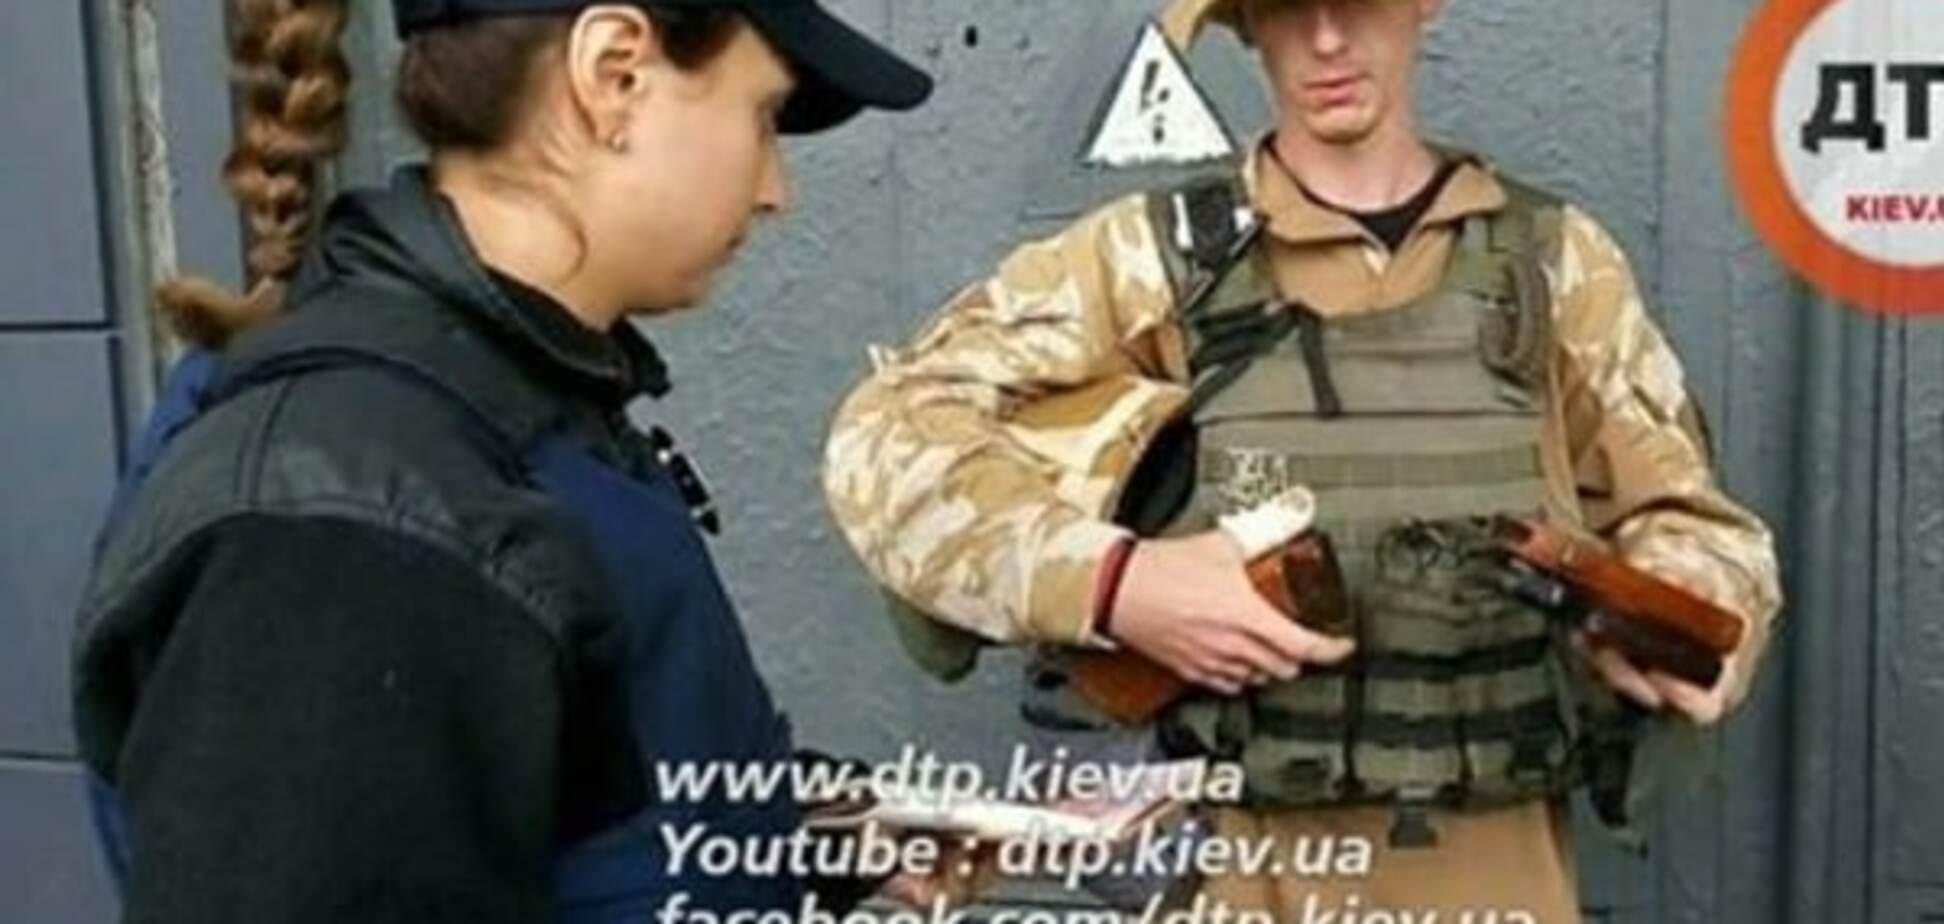 Оружие в Киеве